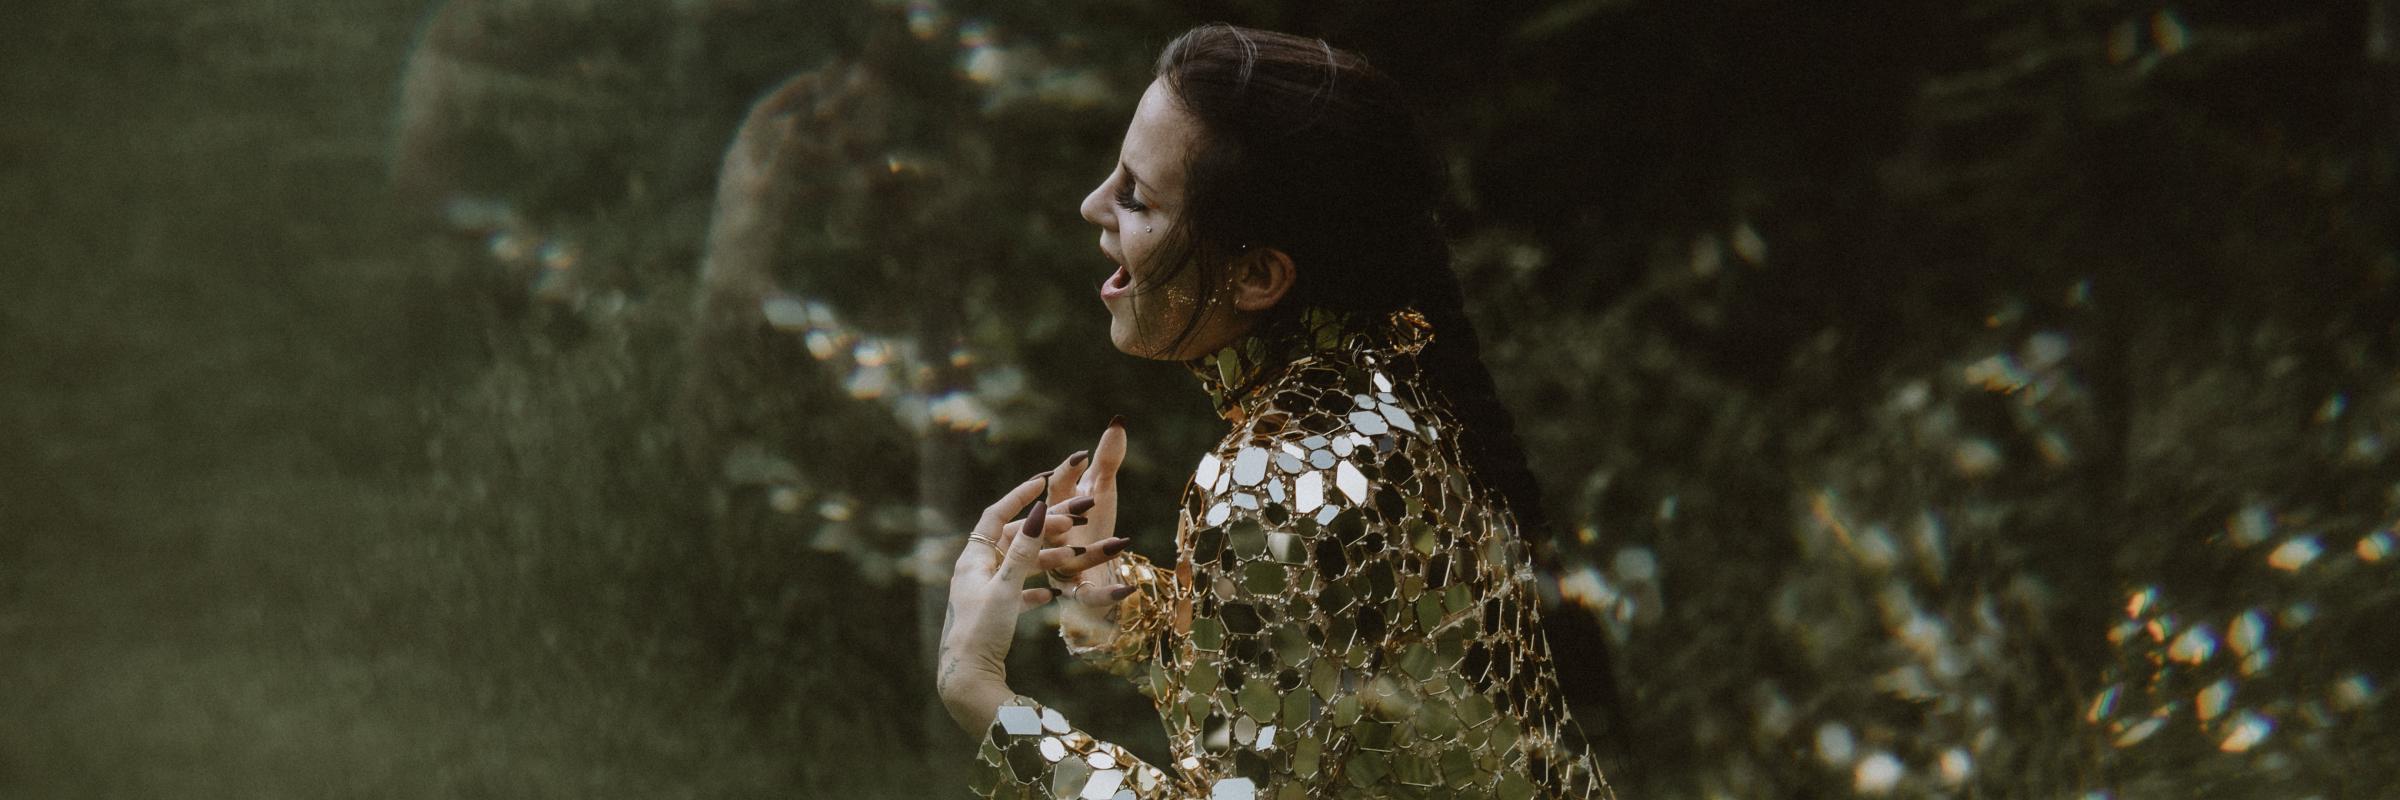 TARDIGRAADA, musicien Chanteur en représentation à Hauts de Seine - photo de couverture